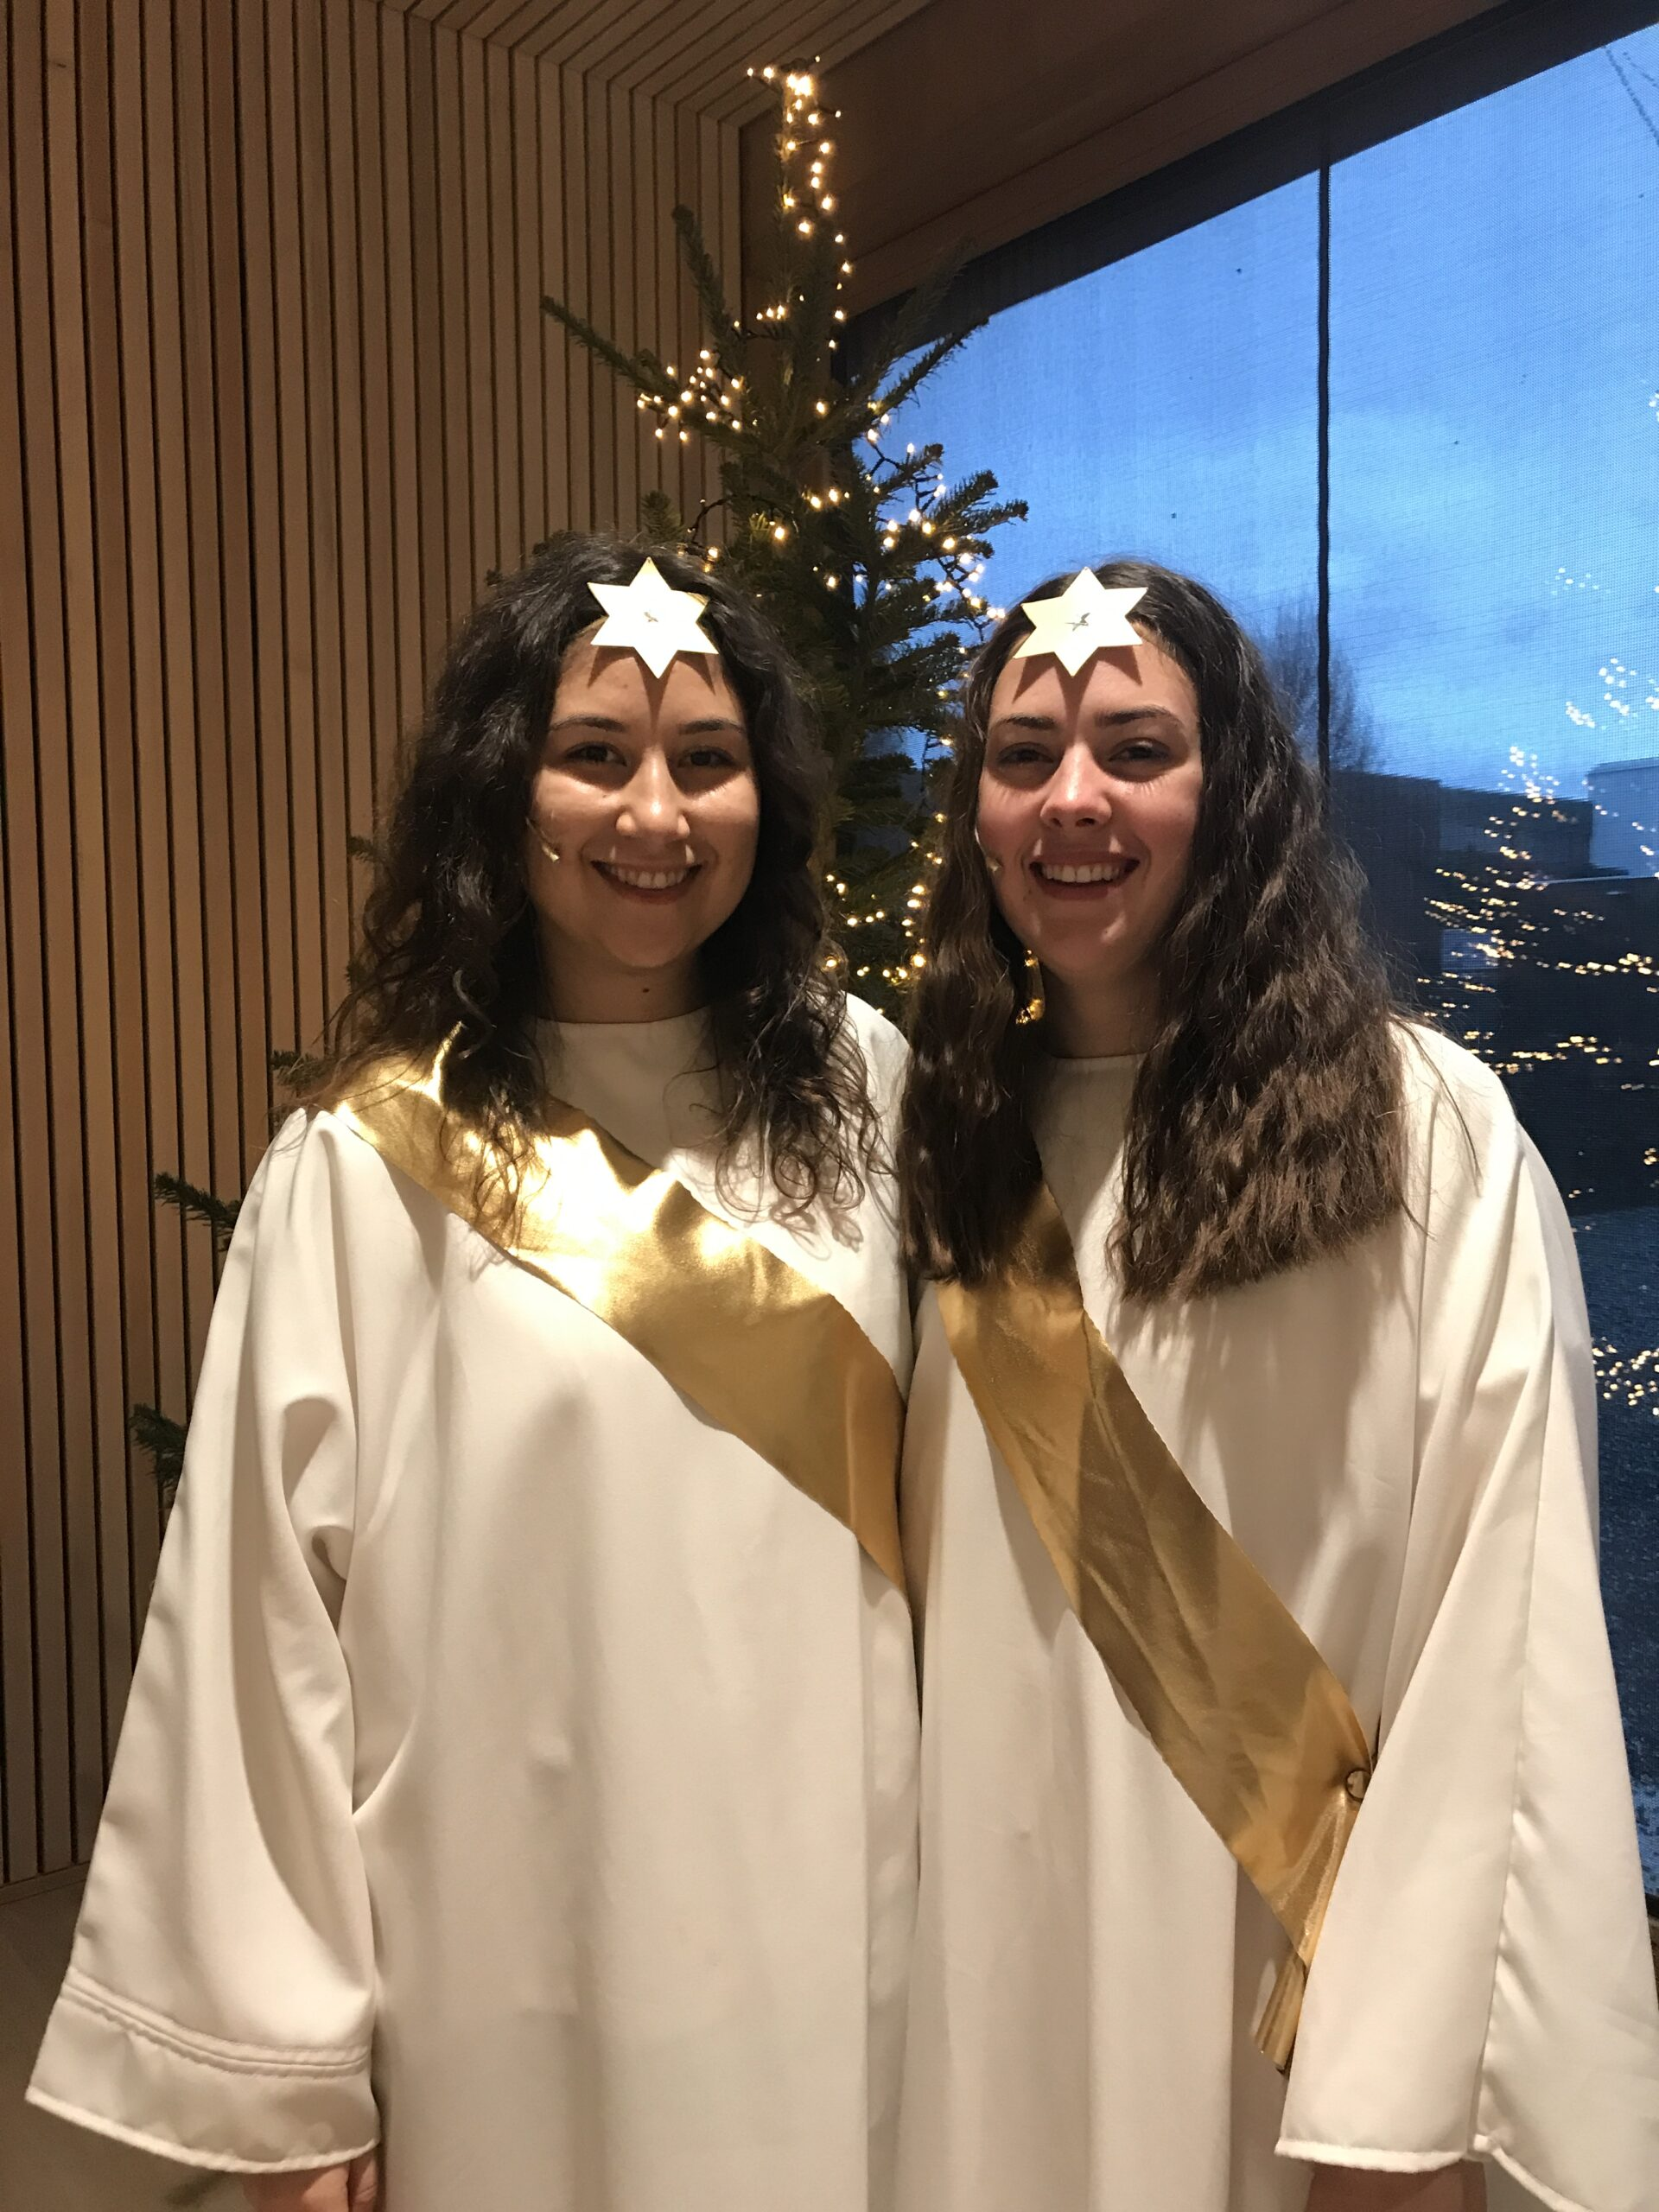 Christina und Miriam als Engel Himmlische Aufregung